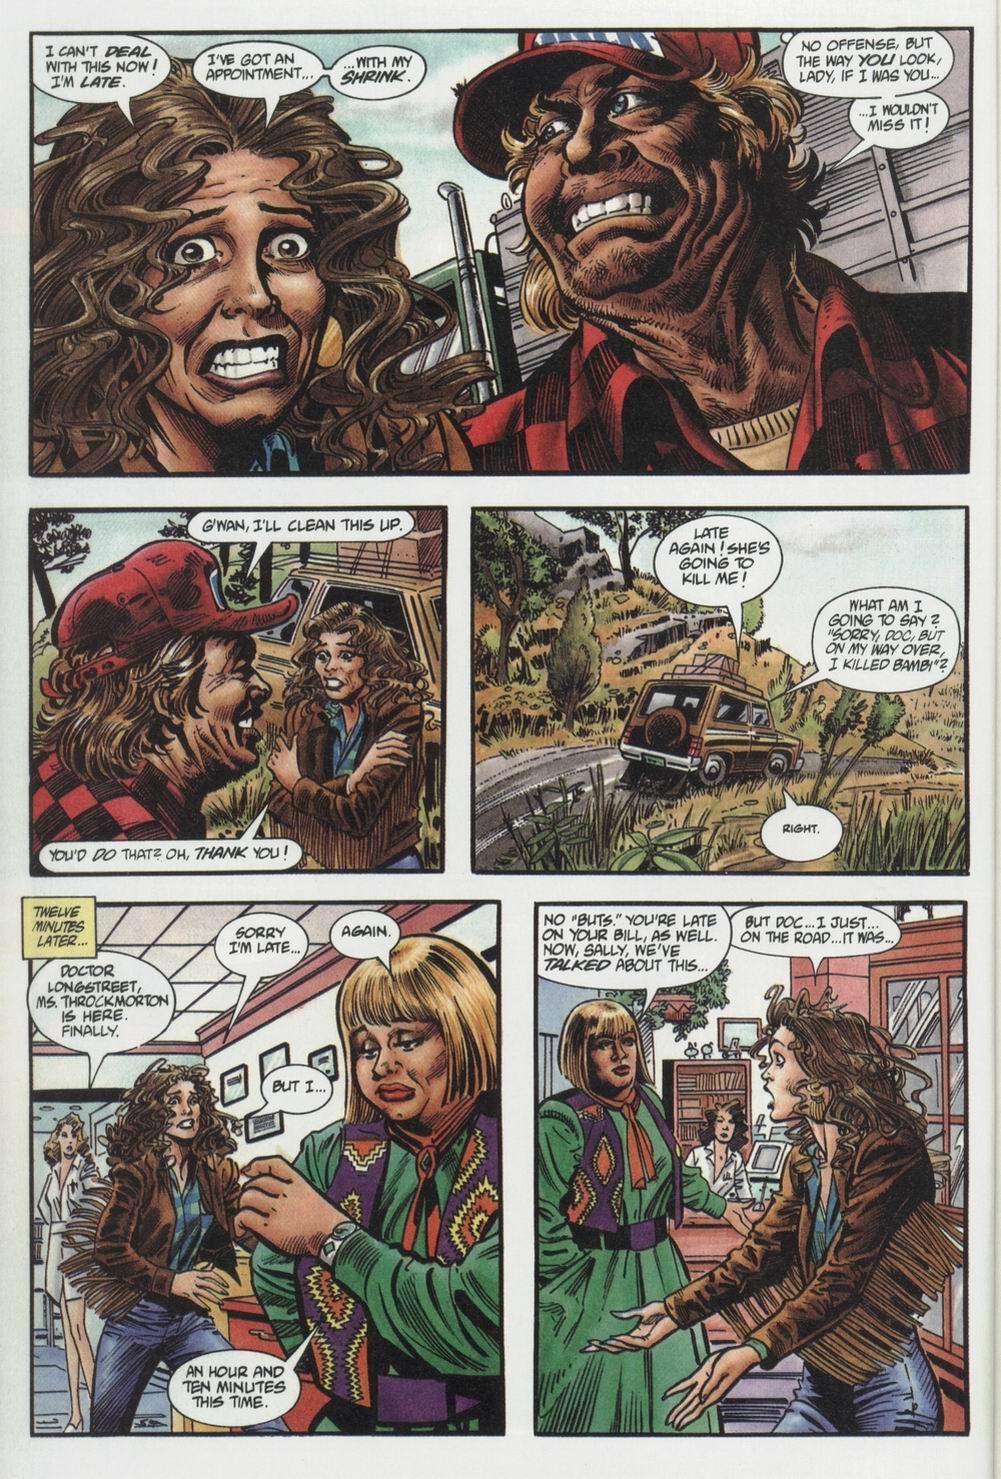 War Dancer (1994) #1 pg.03, lettered by Clem Robins.